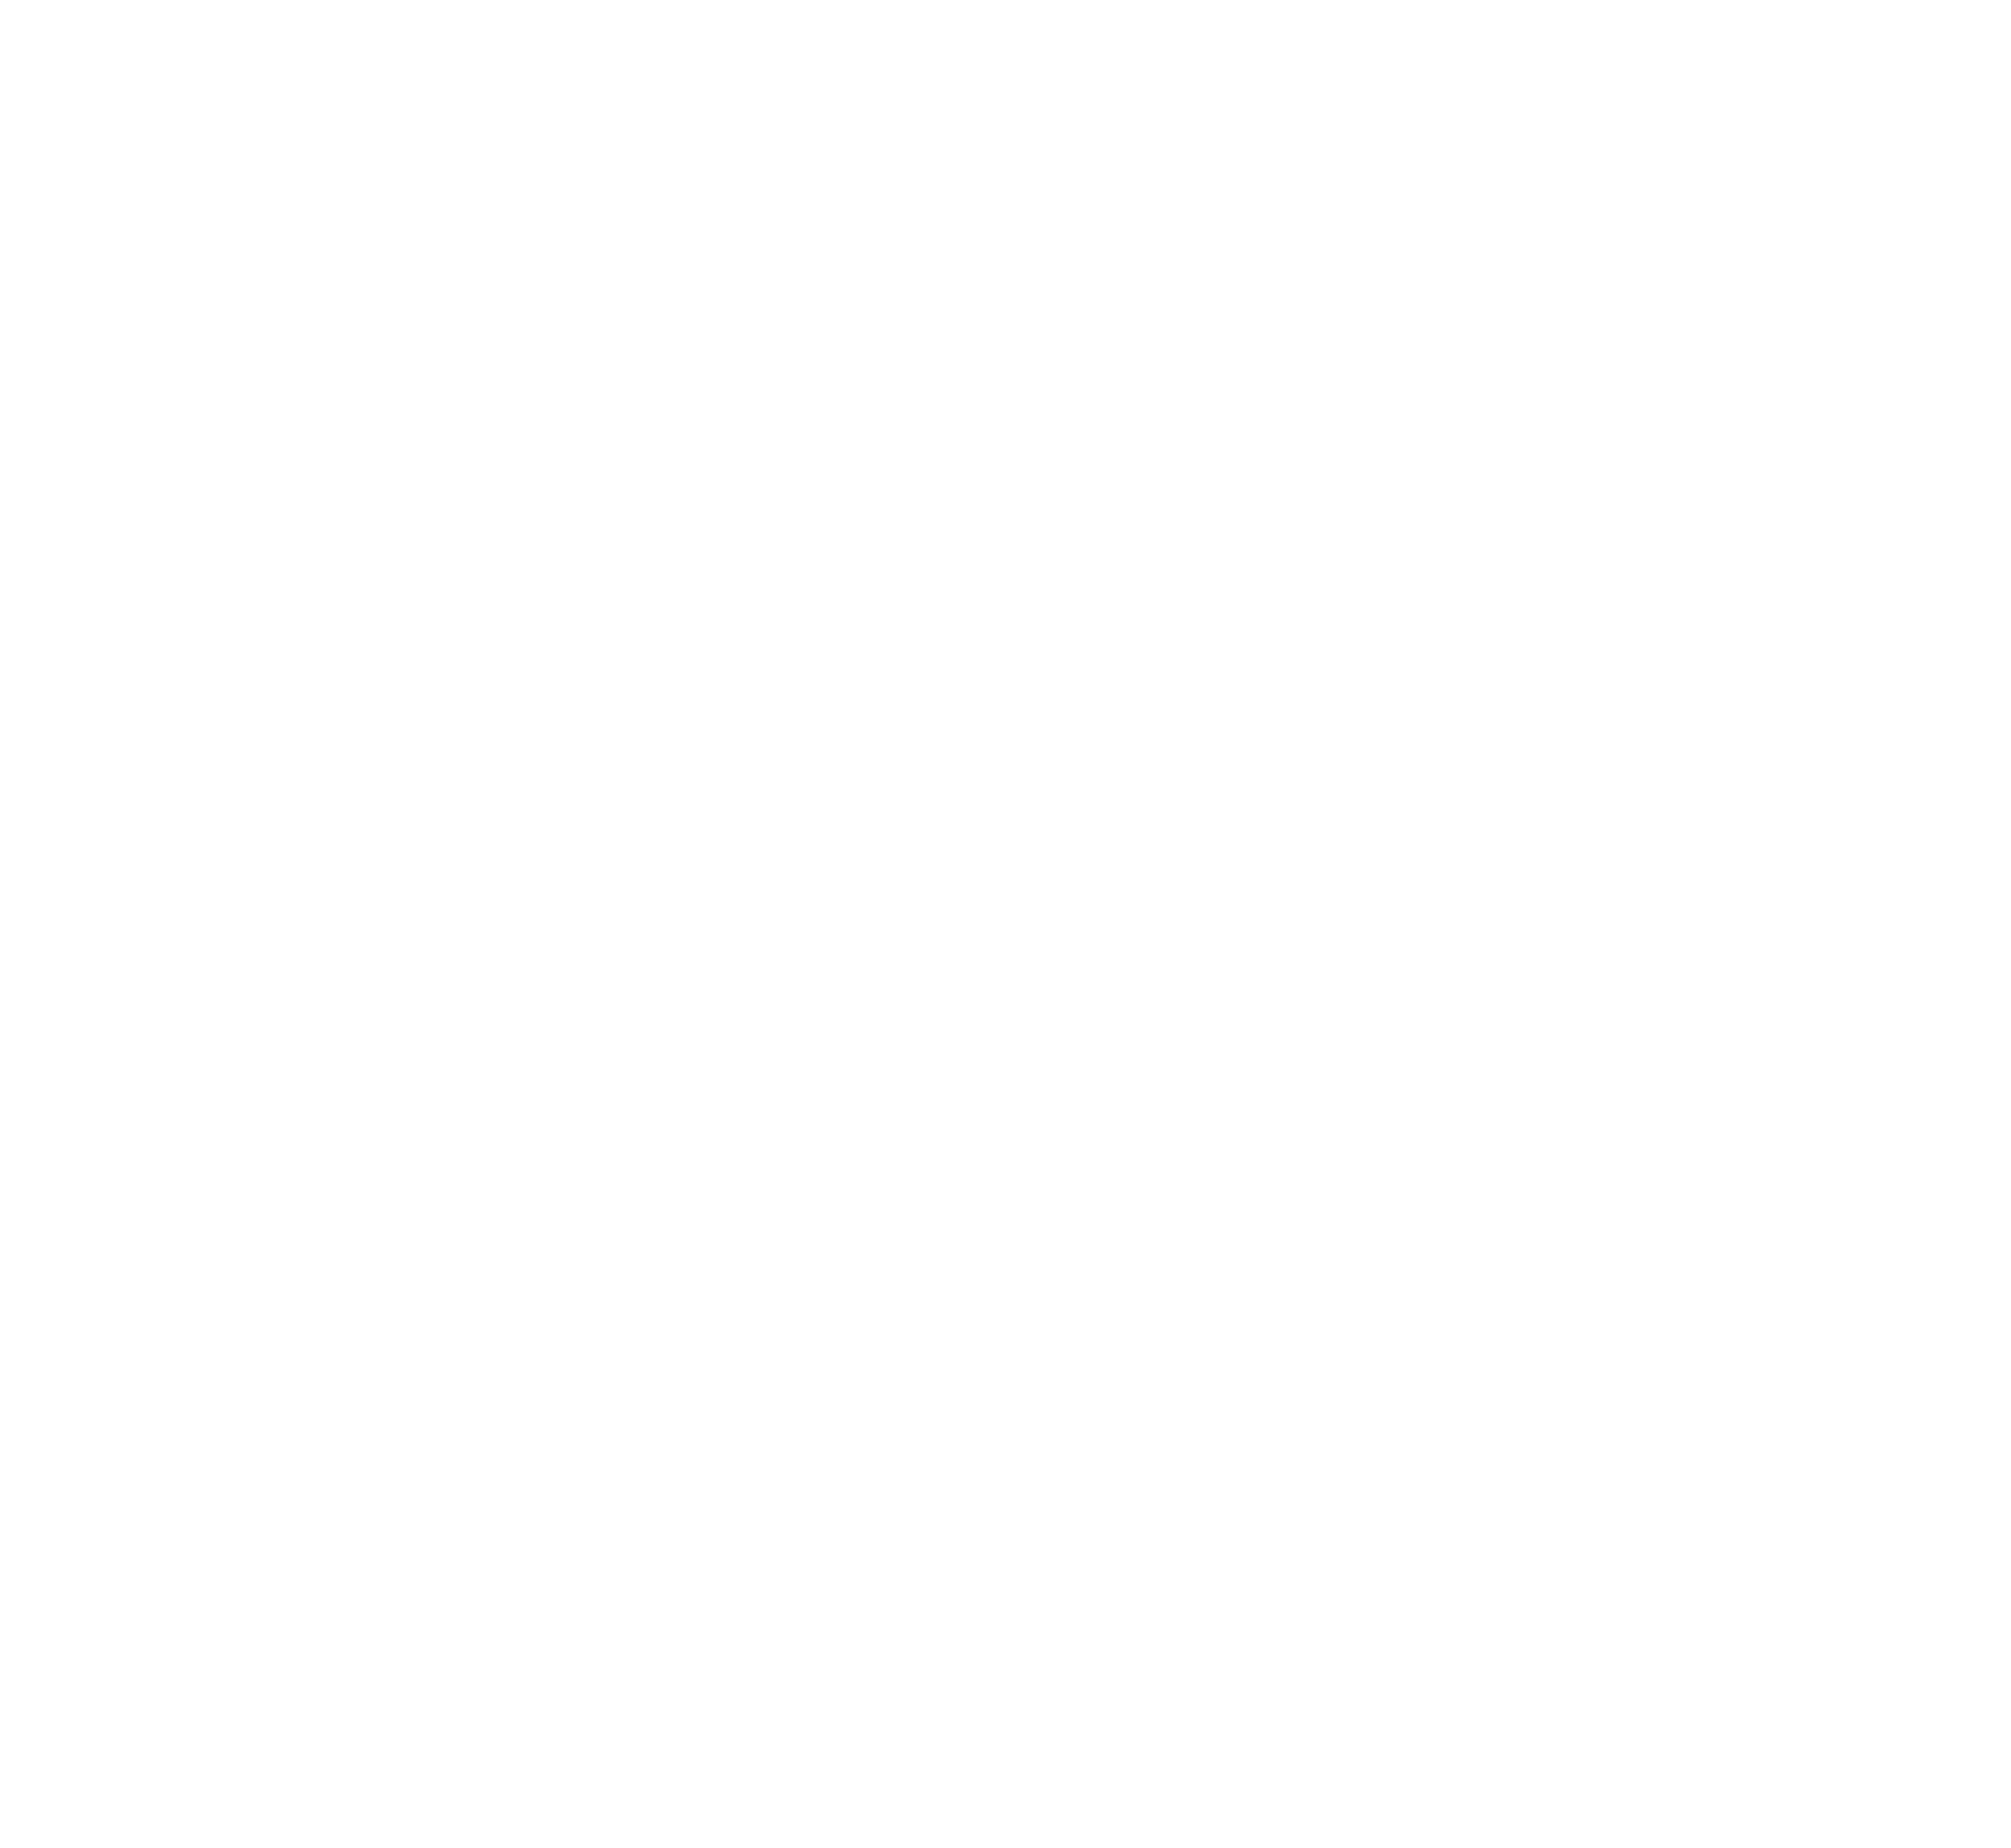 3-37511_ubisoft-logo-png-wwwimgkidcom-the-image-kid-has.png